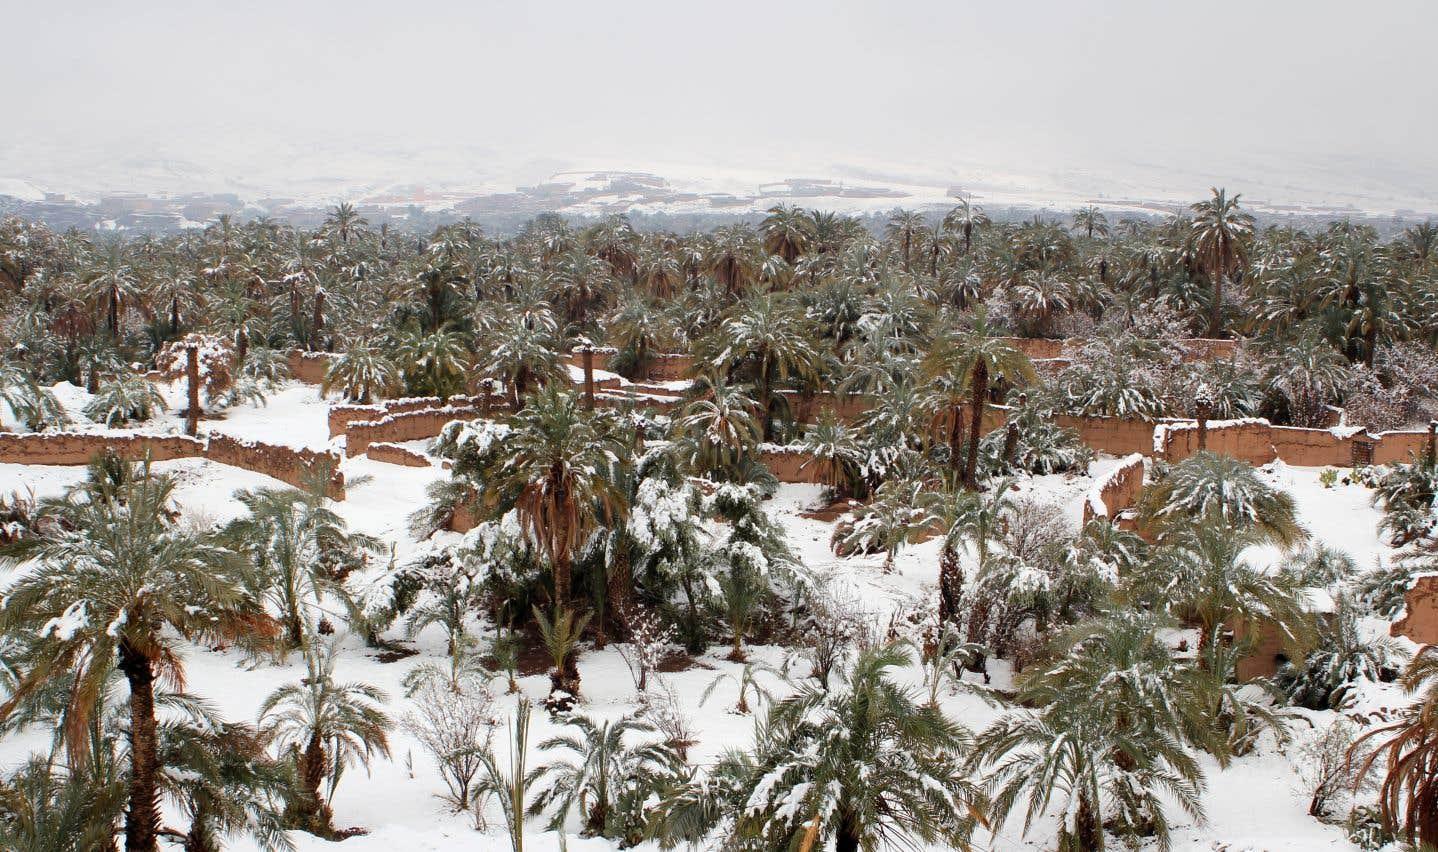 La ville de Zagora, aux portes du désert, est recouverte d'un manteau blanc.